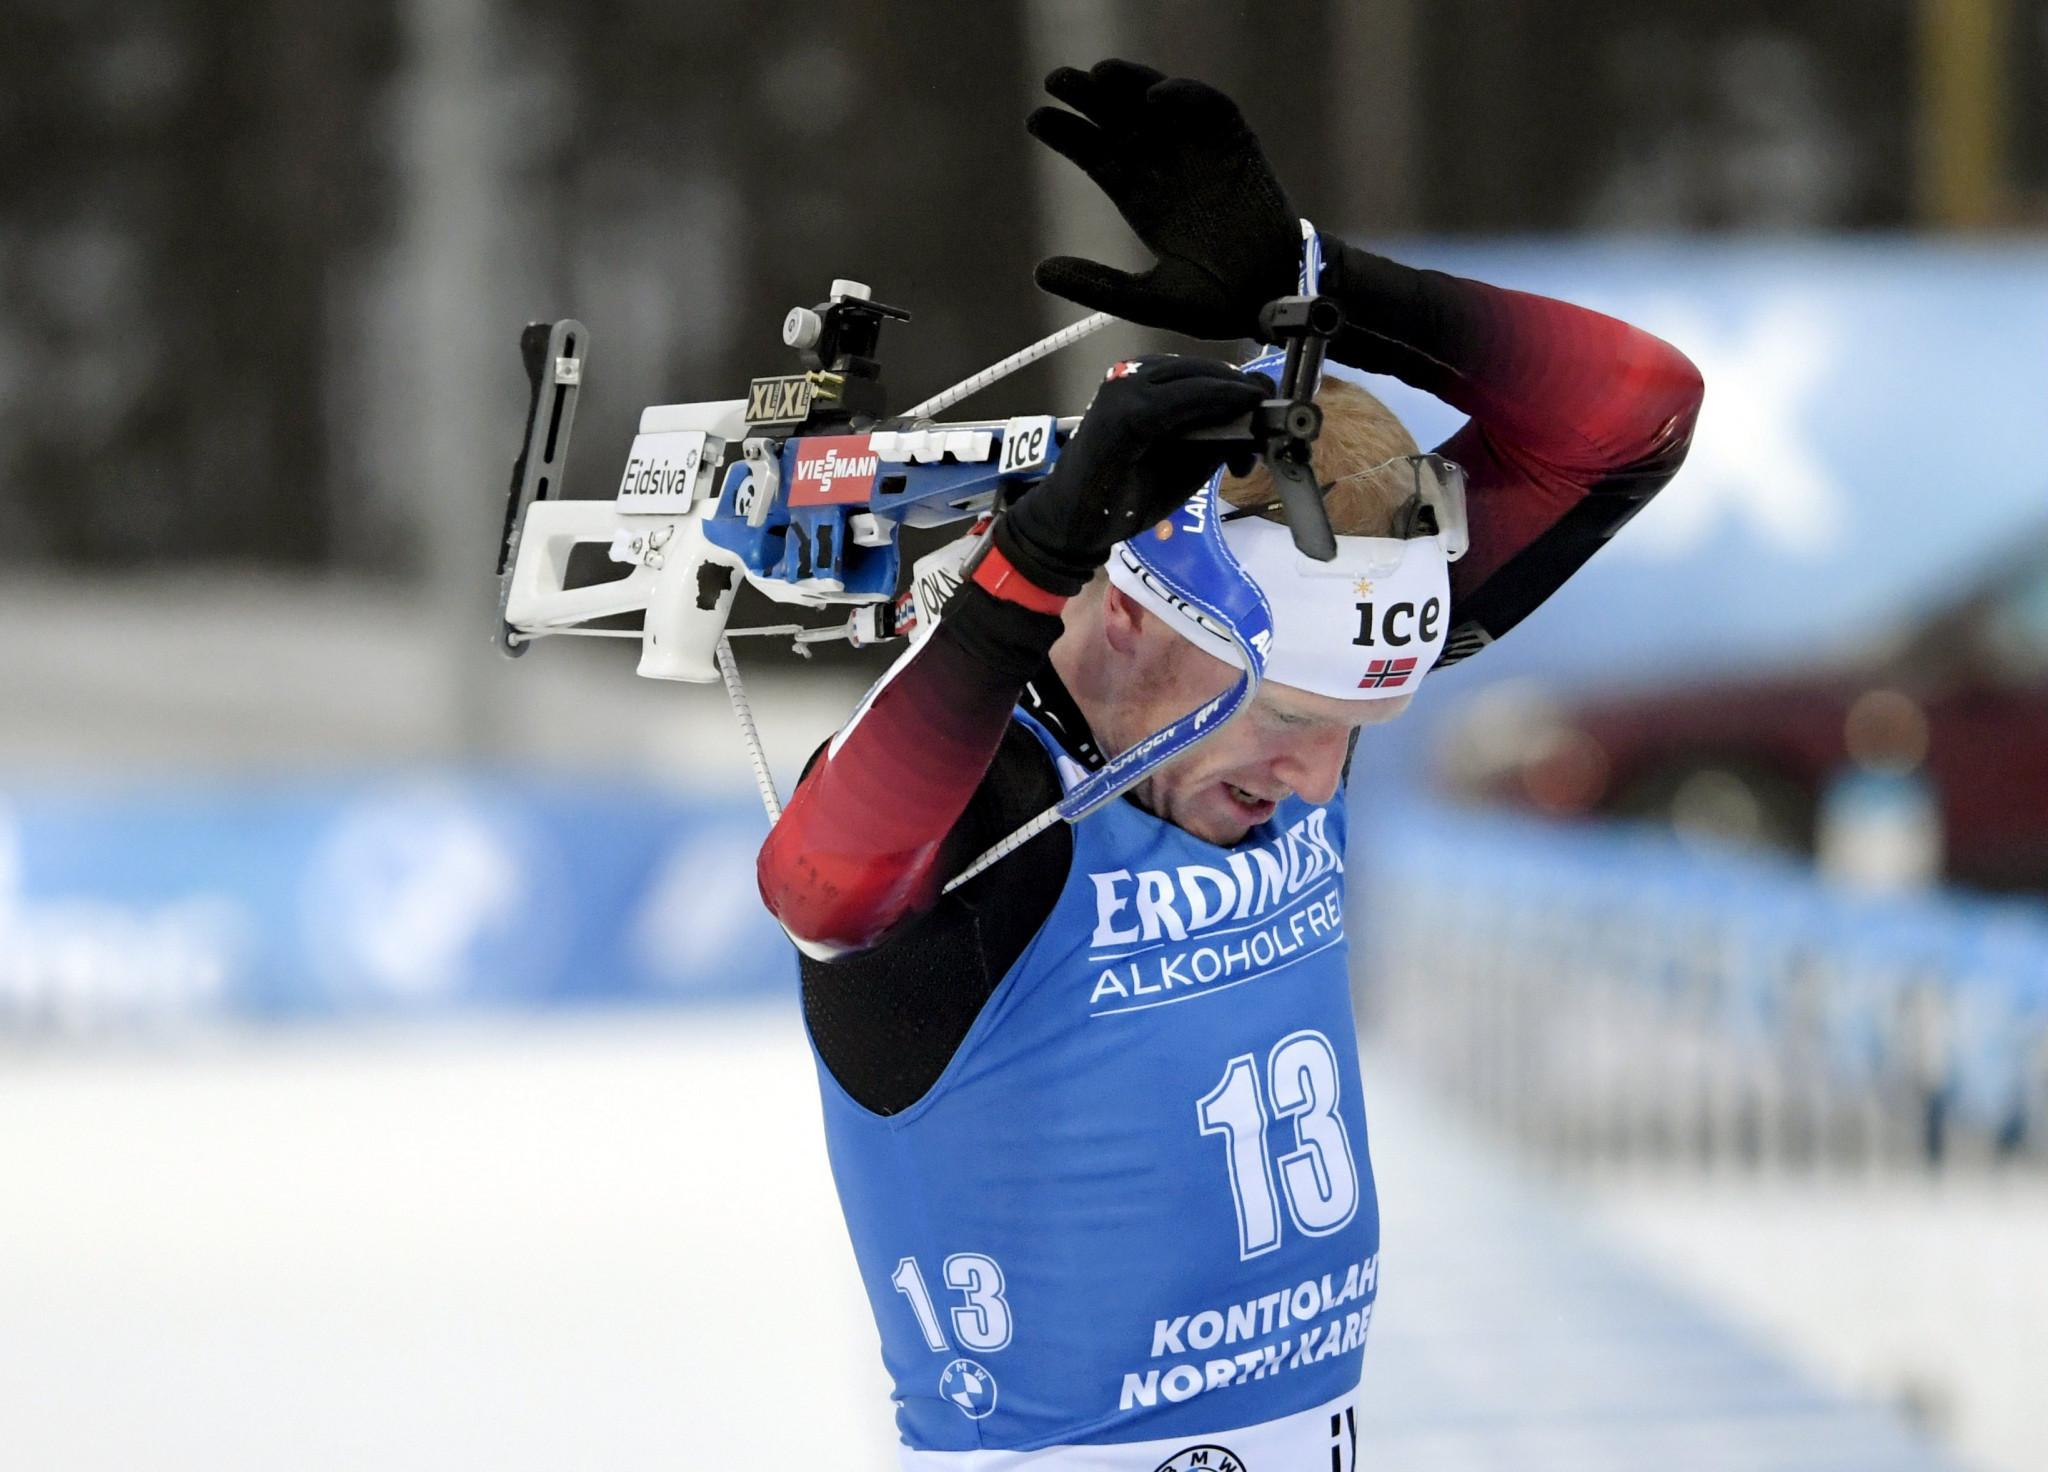 Boe and Oeberg secure sprint victories at IBU World Cup in Kontiolahti